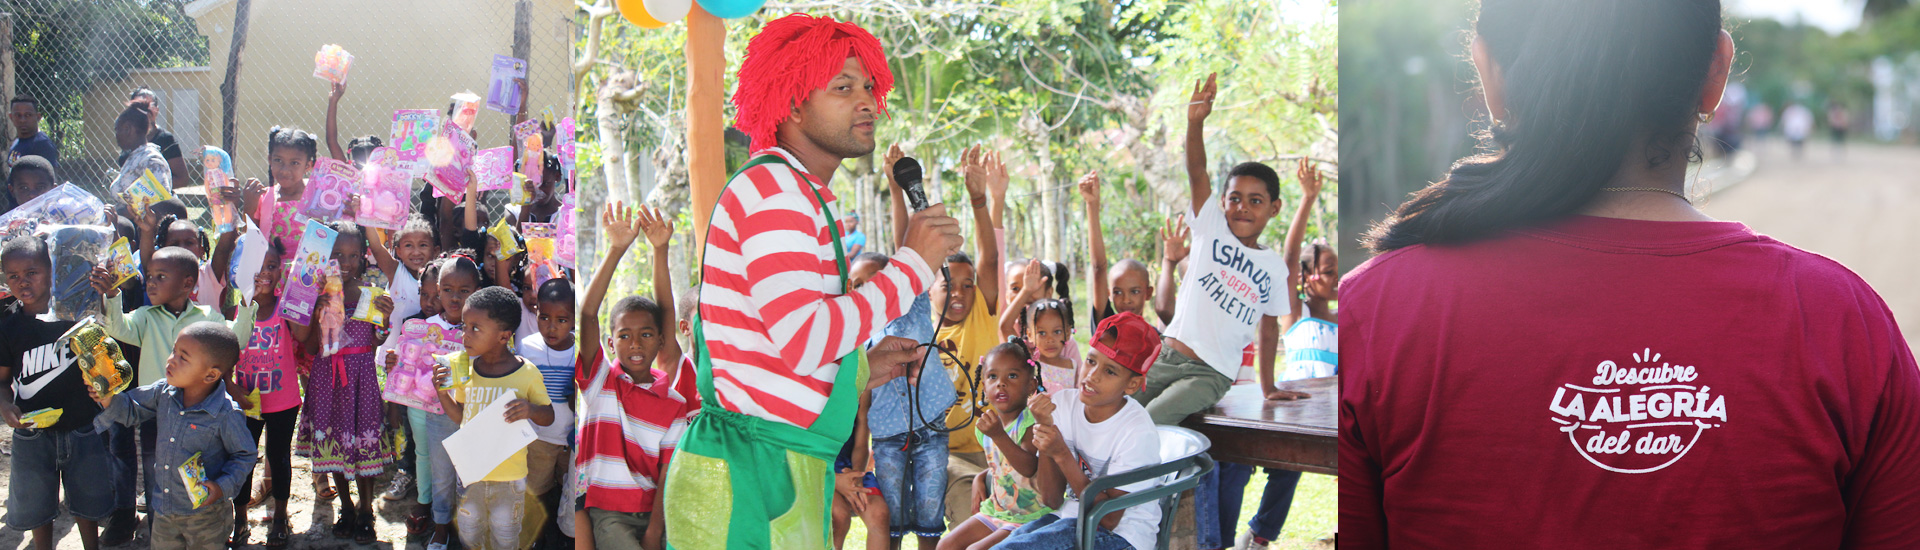 El espíritu misionero de los jóvenes en Dominicana